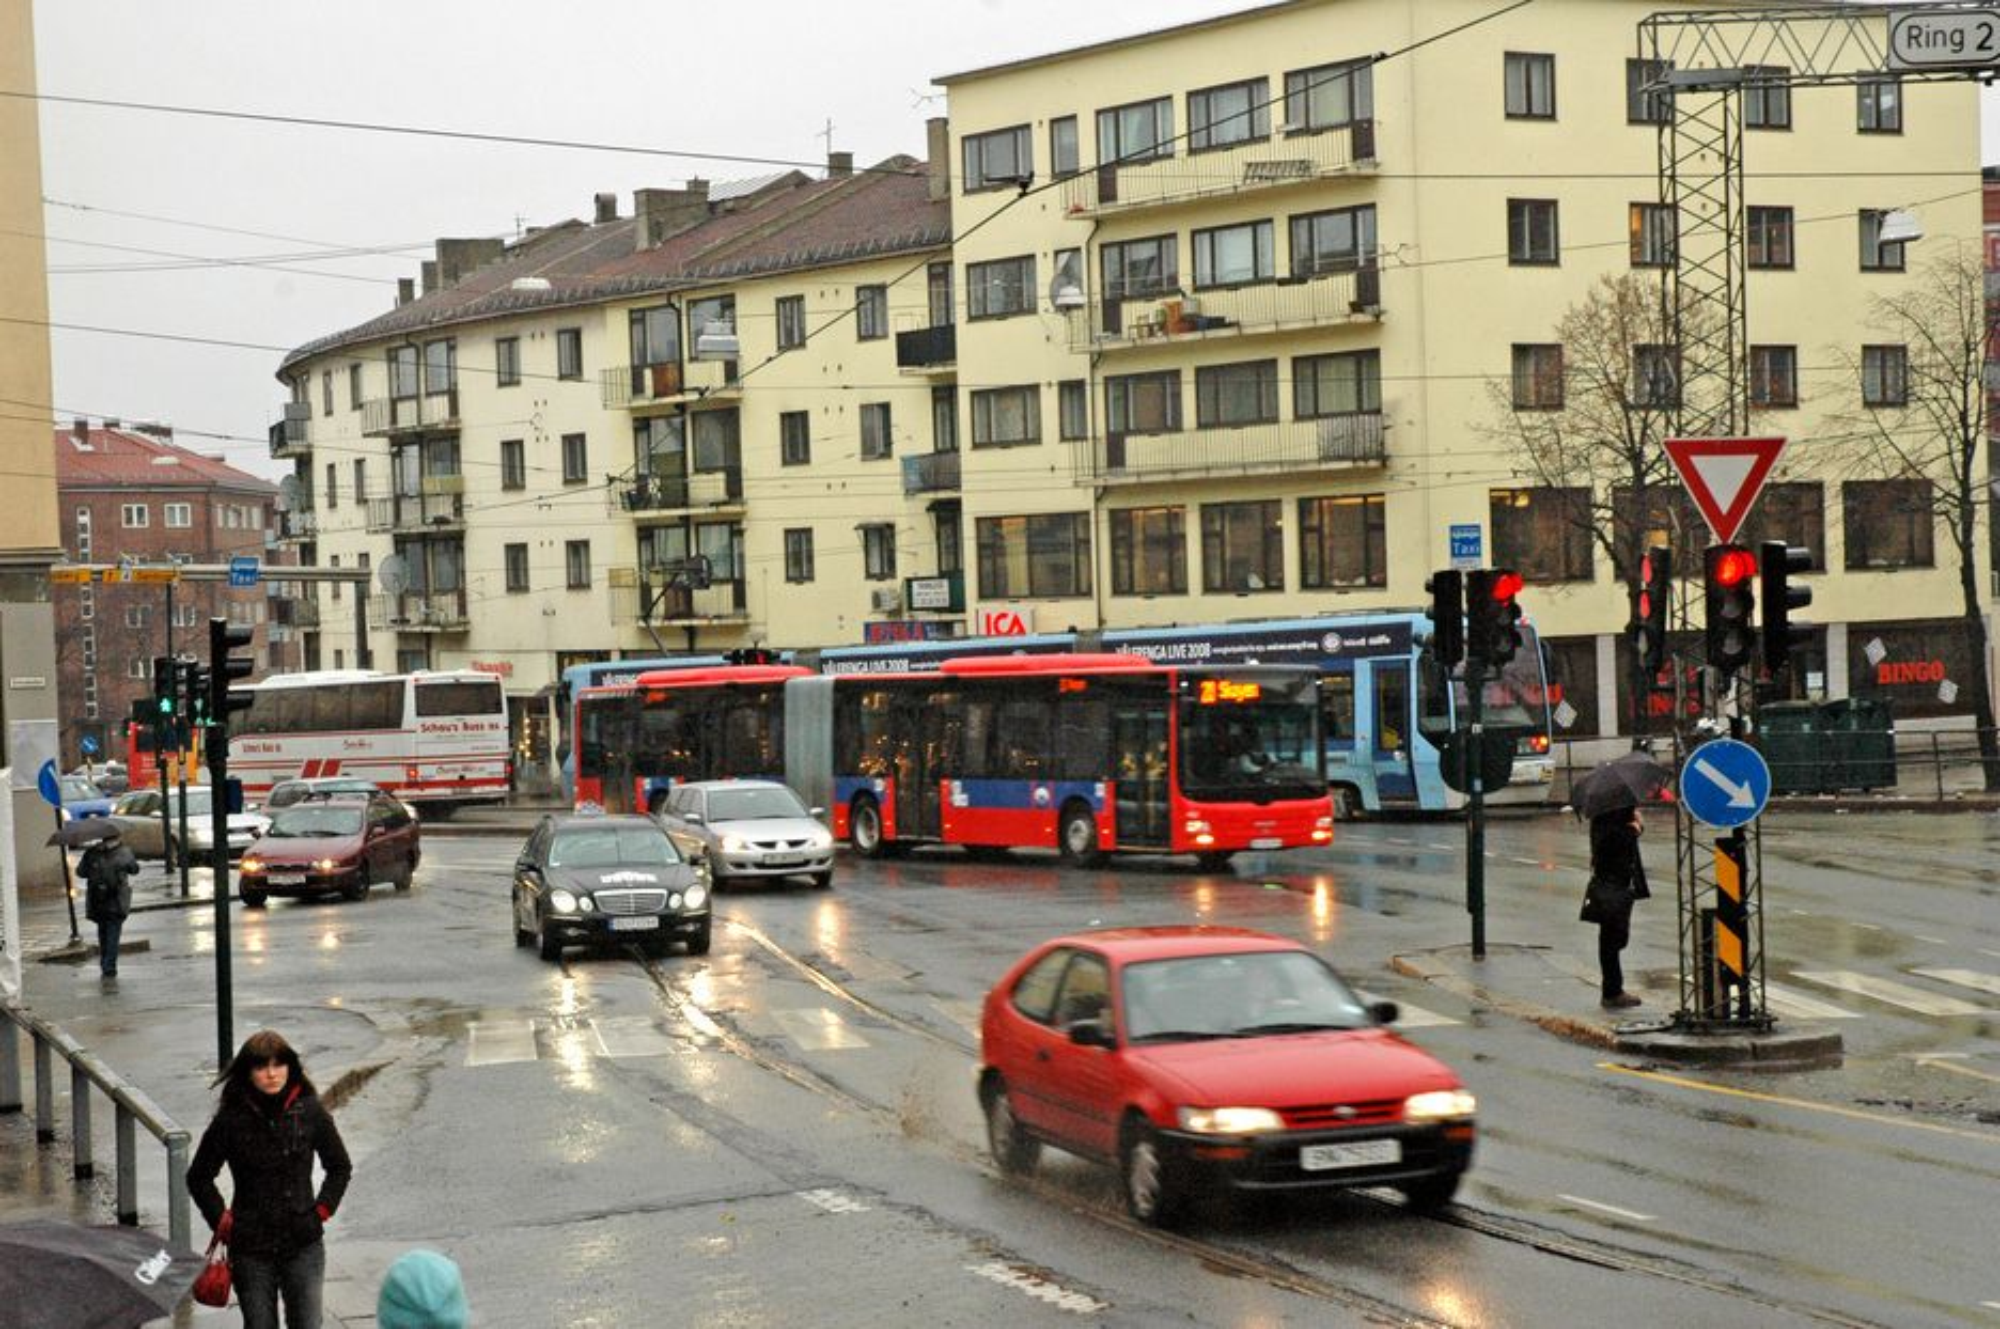 Carl Berners plass er et viktig knutepunkt for kollektivtrafikk, men trafikkforholdene er vanskelige. Nå skal forholdene legges bedre til rette for busser og trikker.